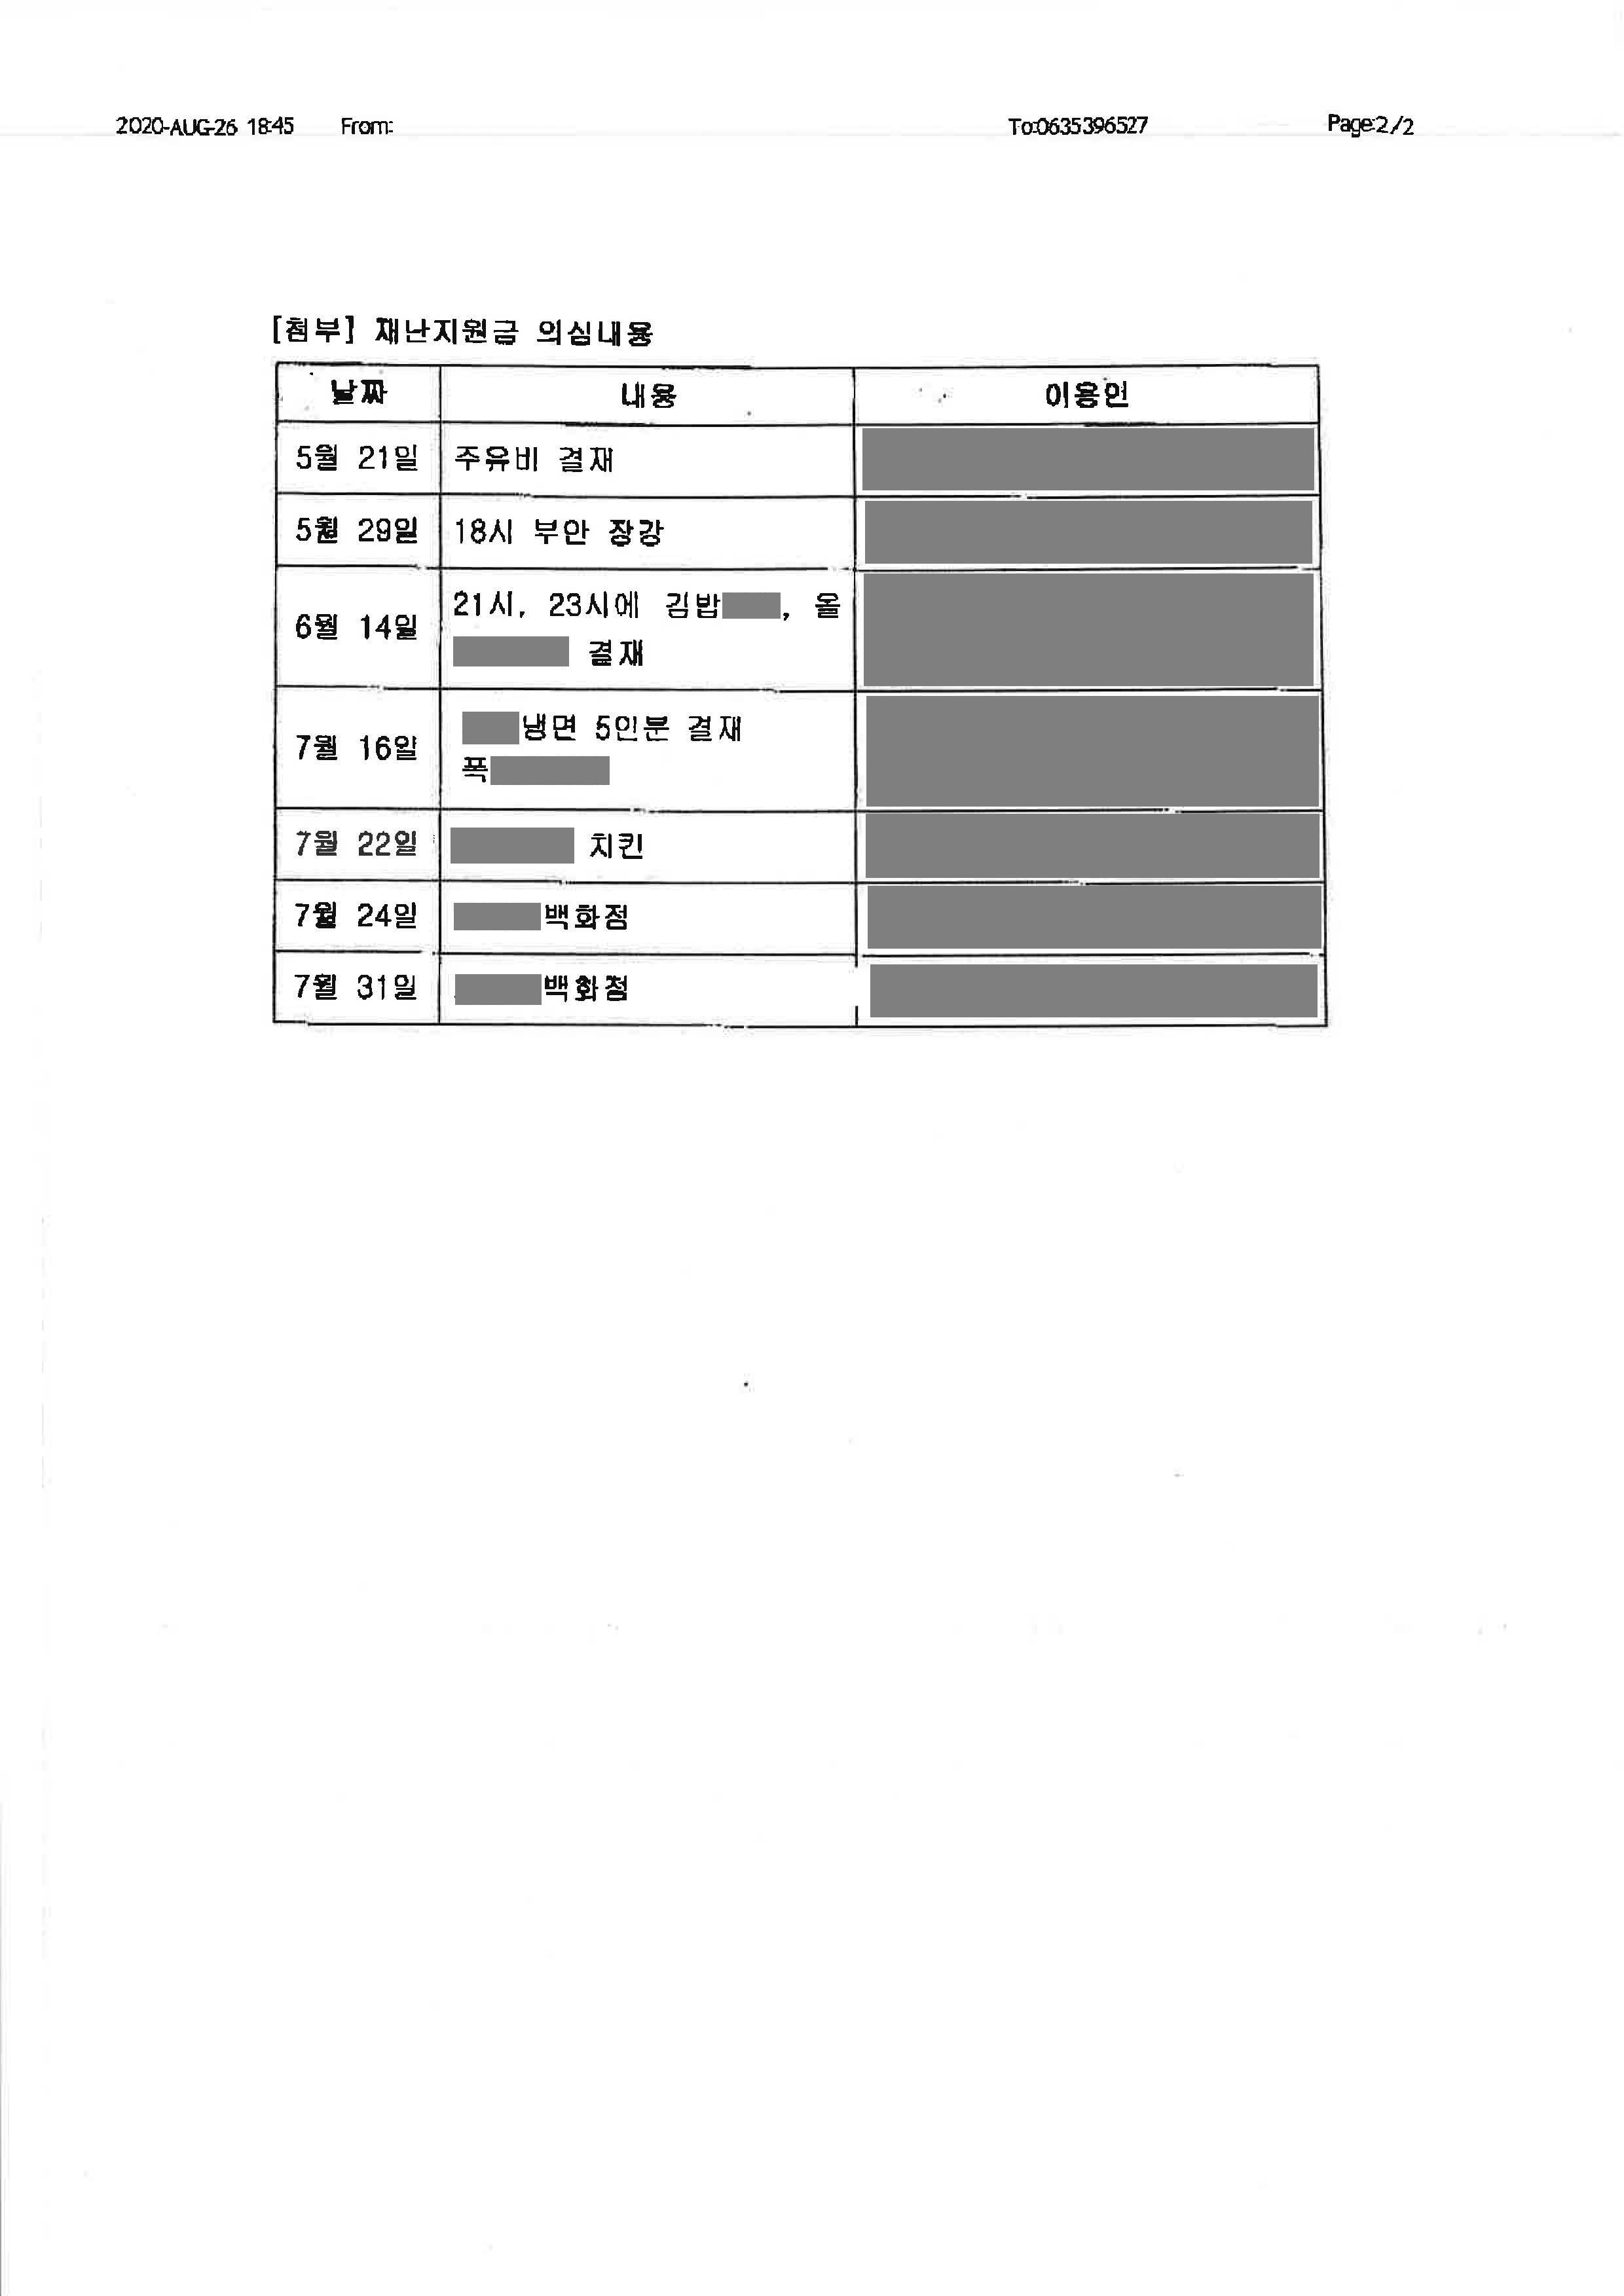 전북옹호2020-106(2020.08.26)호_정읍 행복의집 현장조사 거부에 따른 협조 요청_페이지_2.jpg